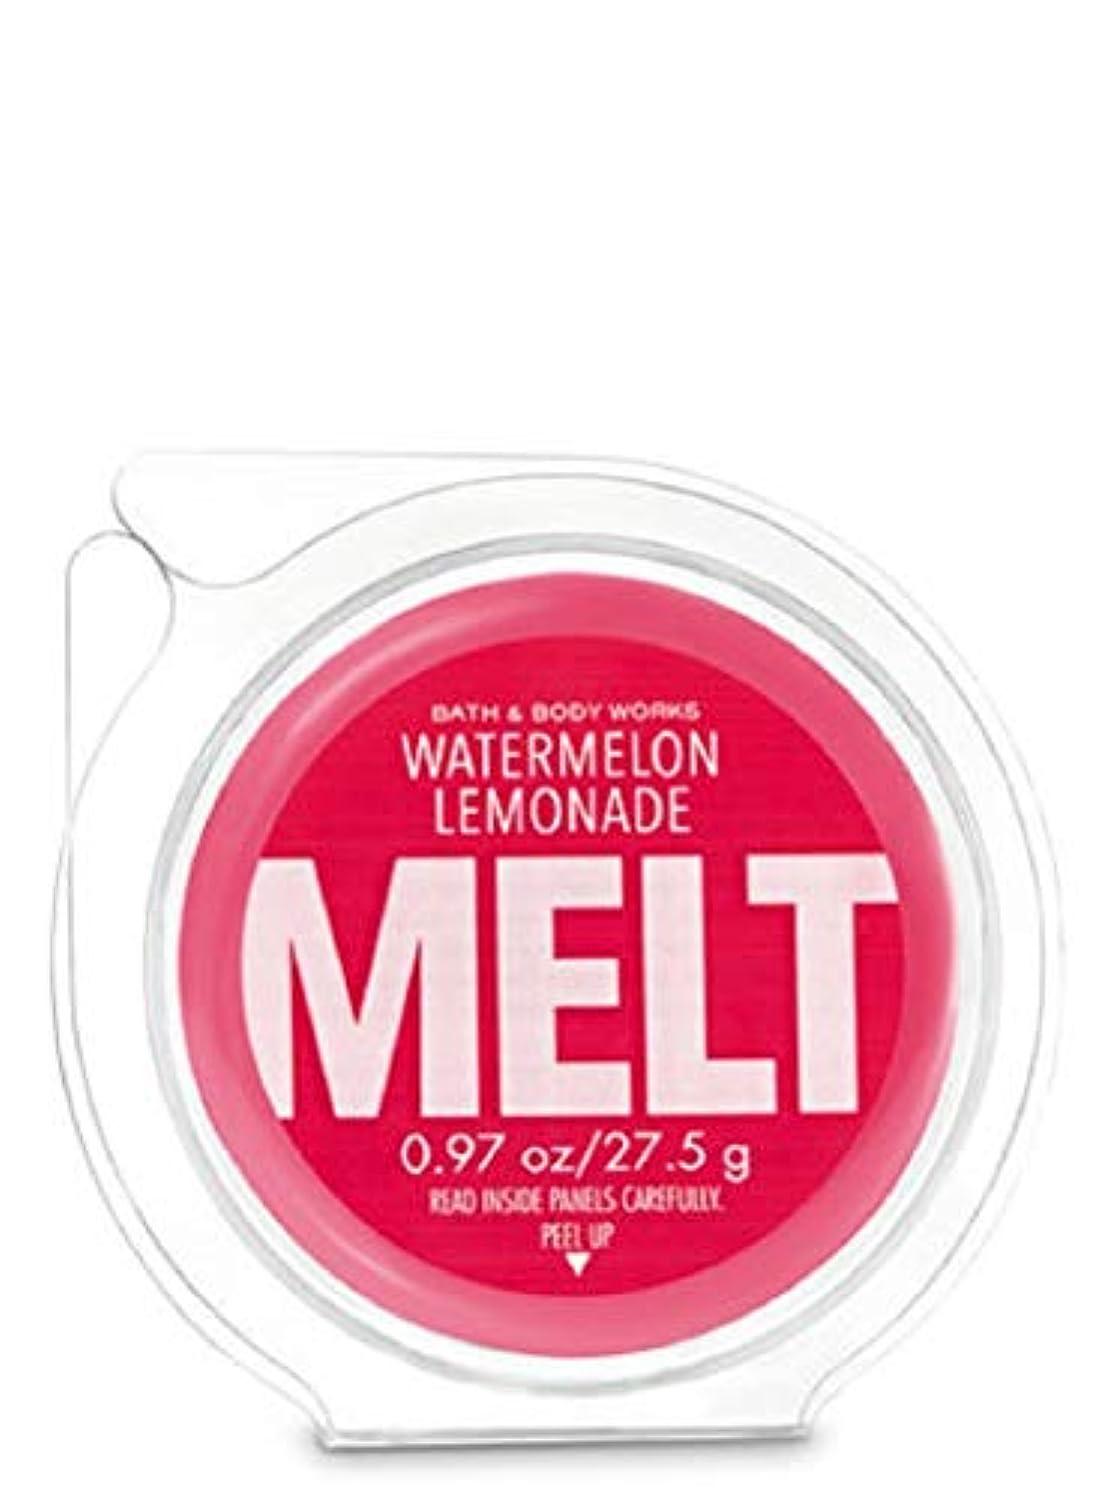 真似る戻すおもてなし【Bath&Body Works/バス&ボディワークス】 フレグランスメルト タルト ワックスポプリ ウォーターメロンレモネード Wax Fragrance Melt Watermelon Lemonade 0.97oz...